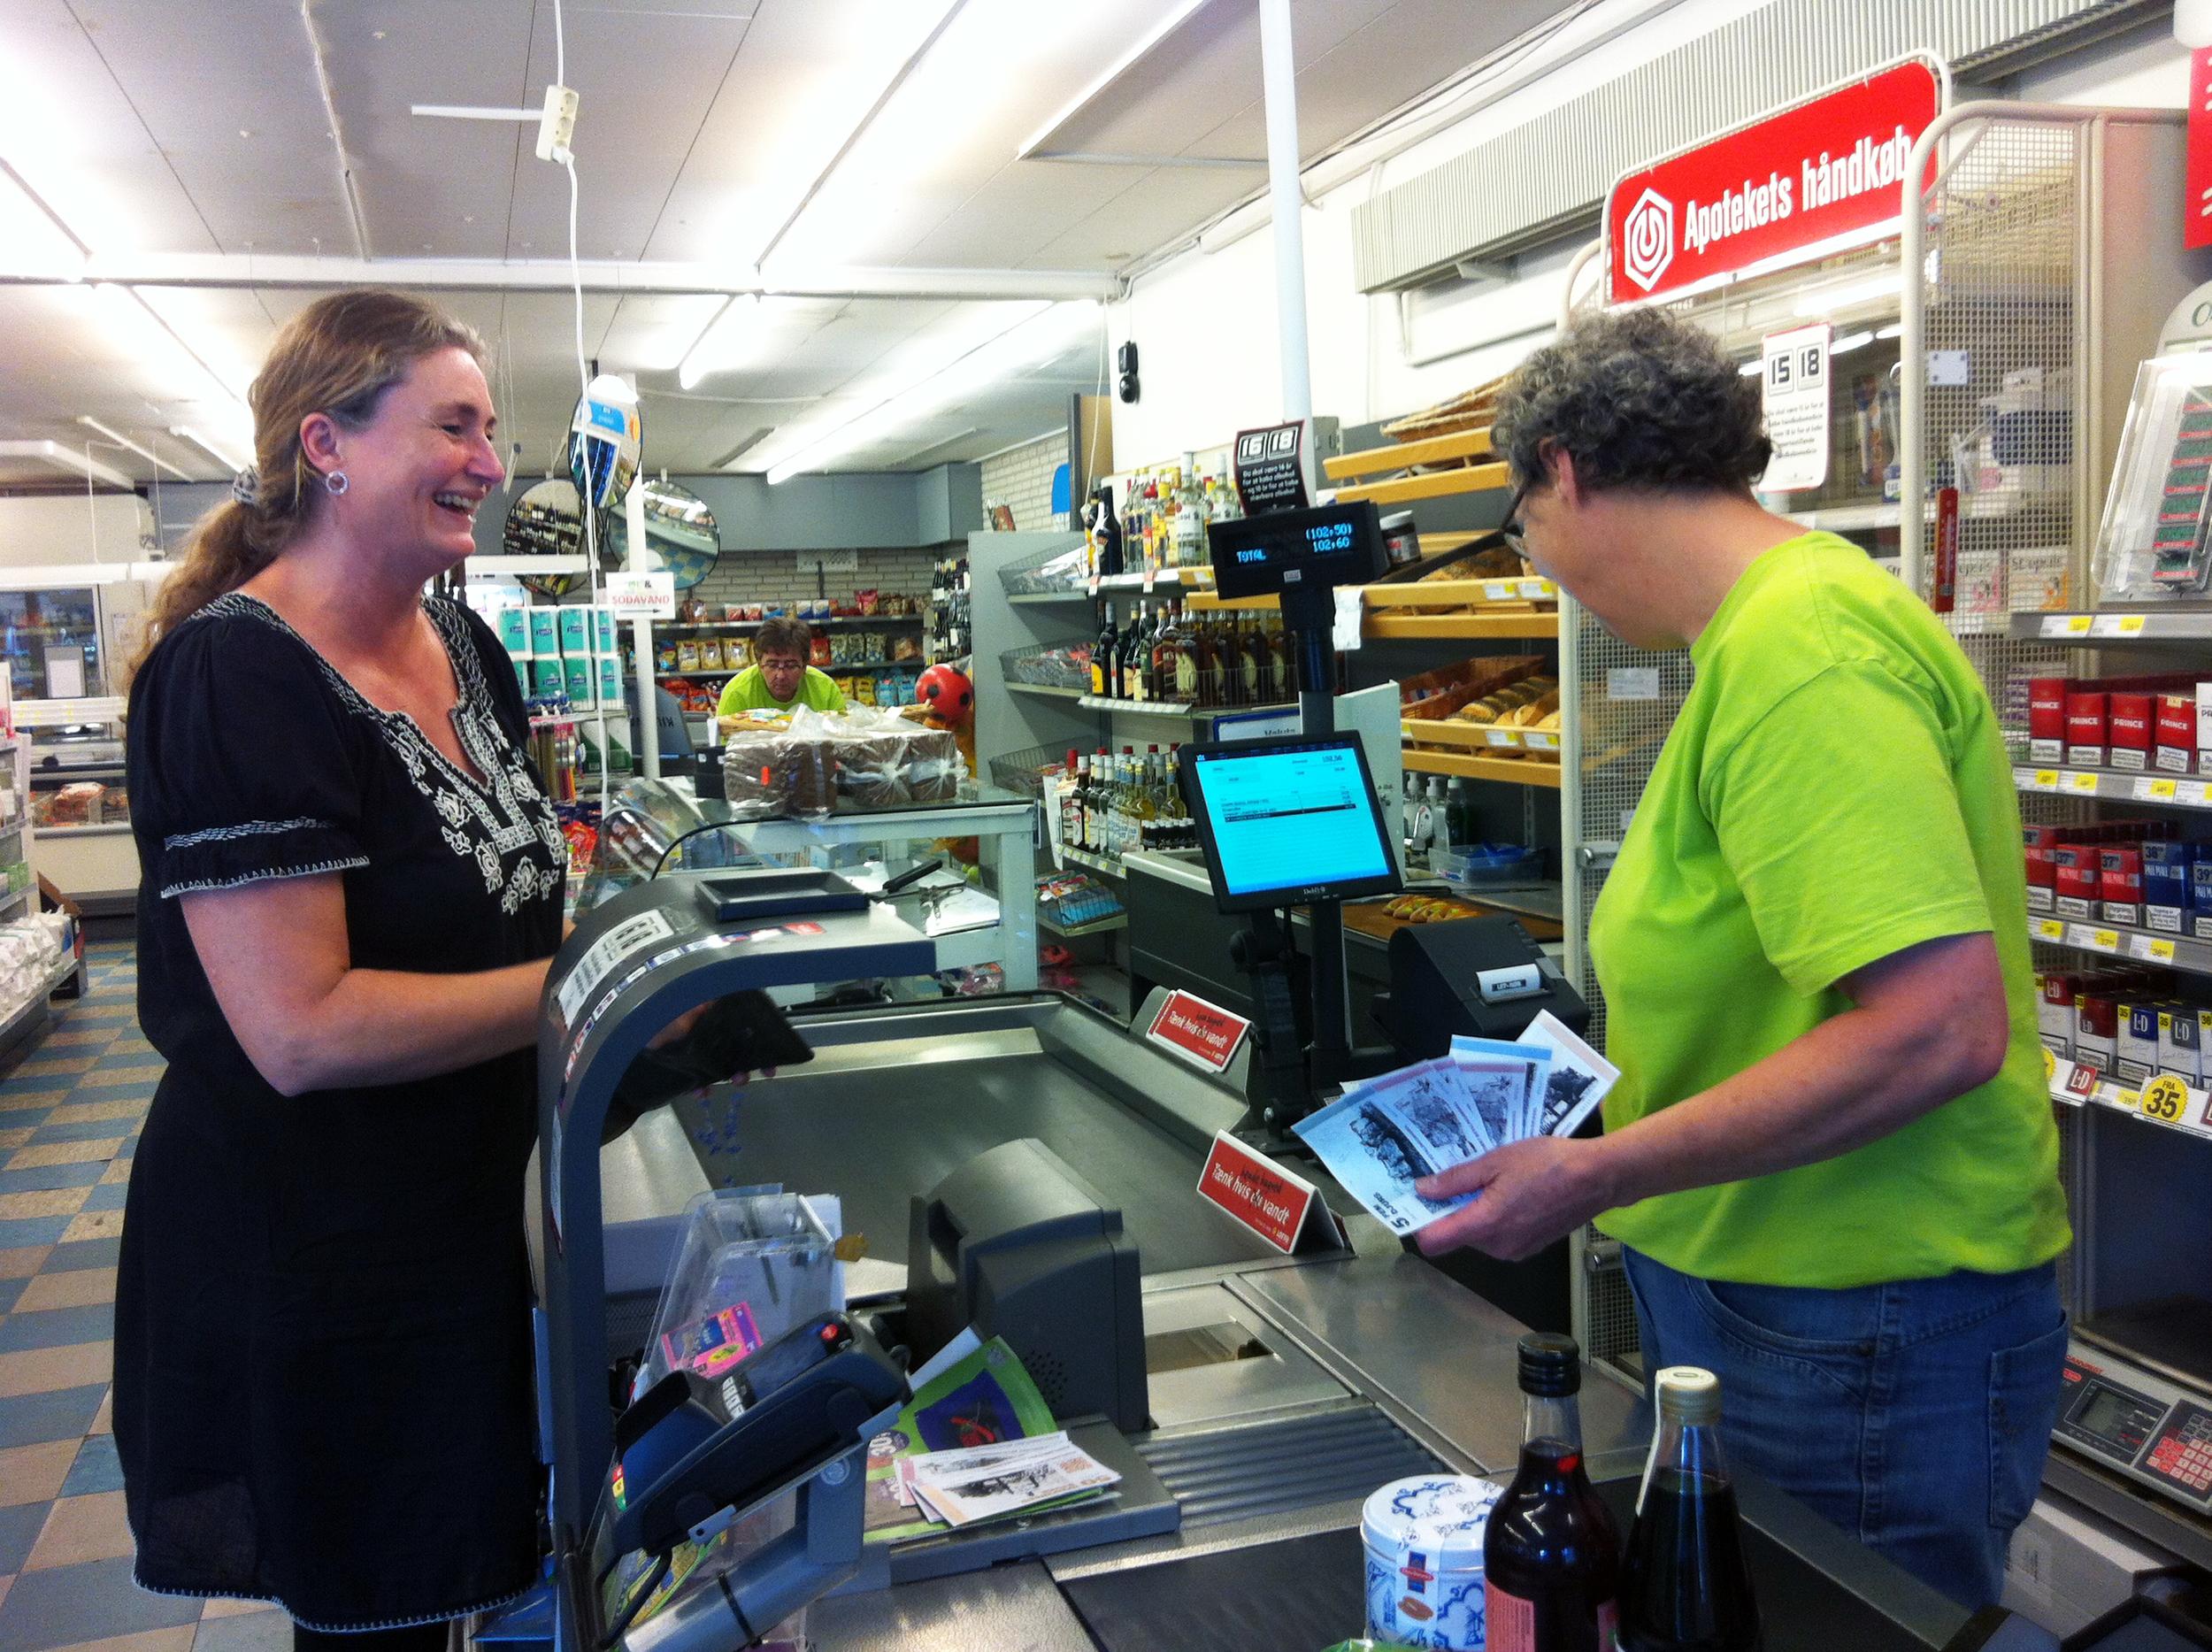 Der betales med DJURS hos Gjerrild købmand, juli 2016